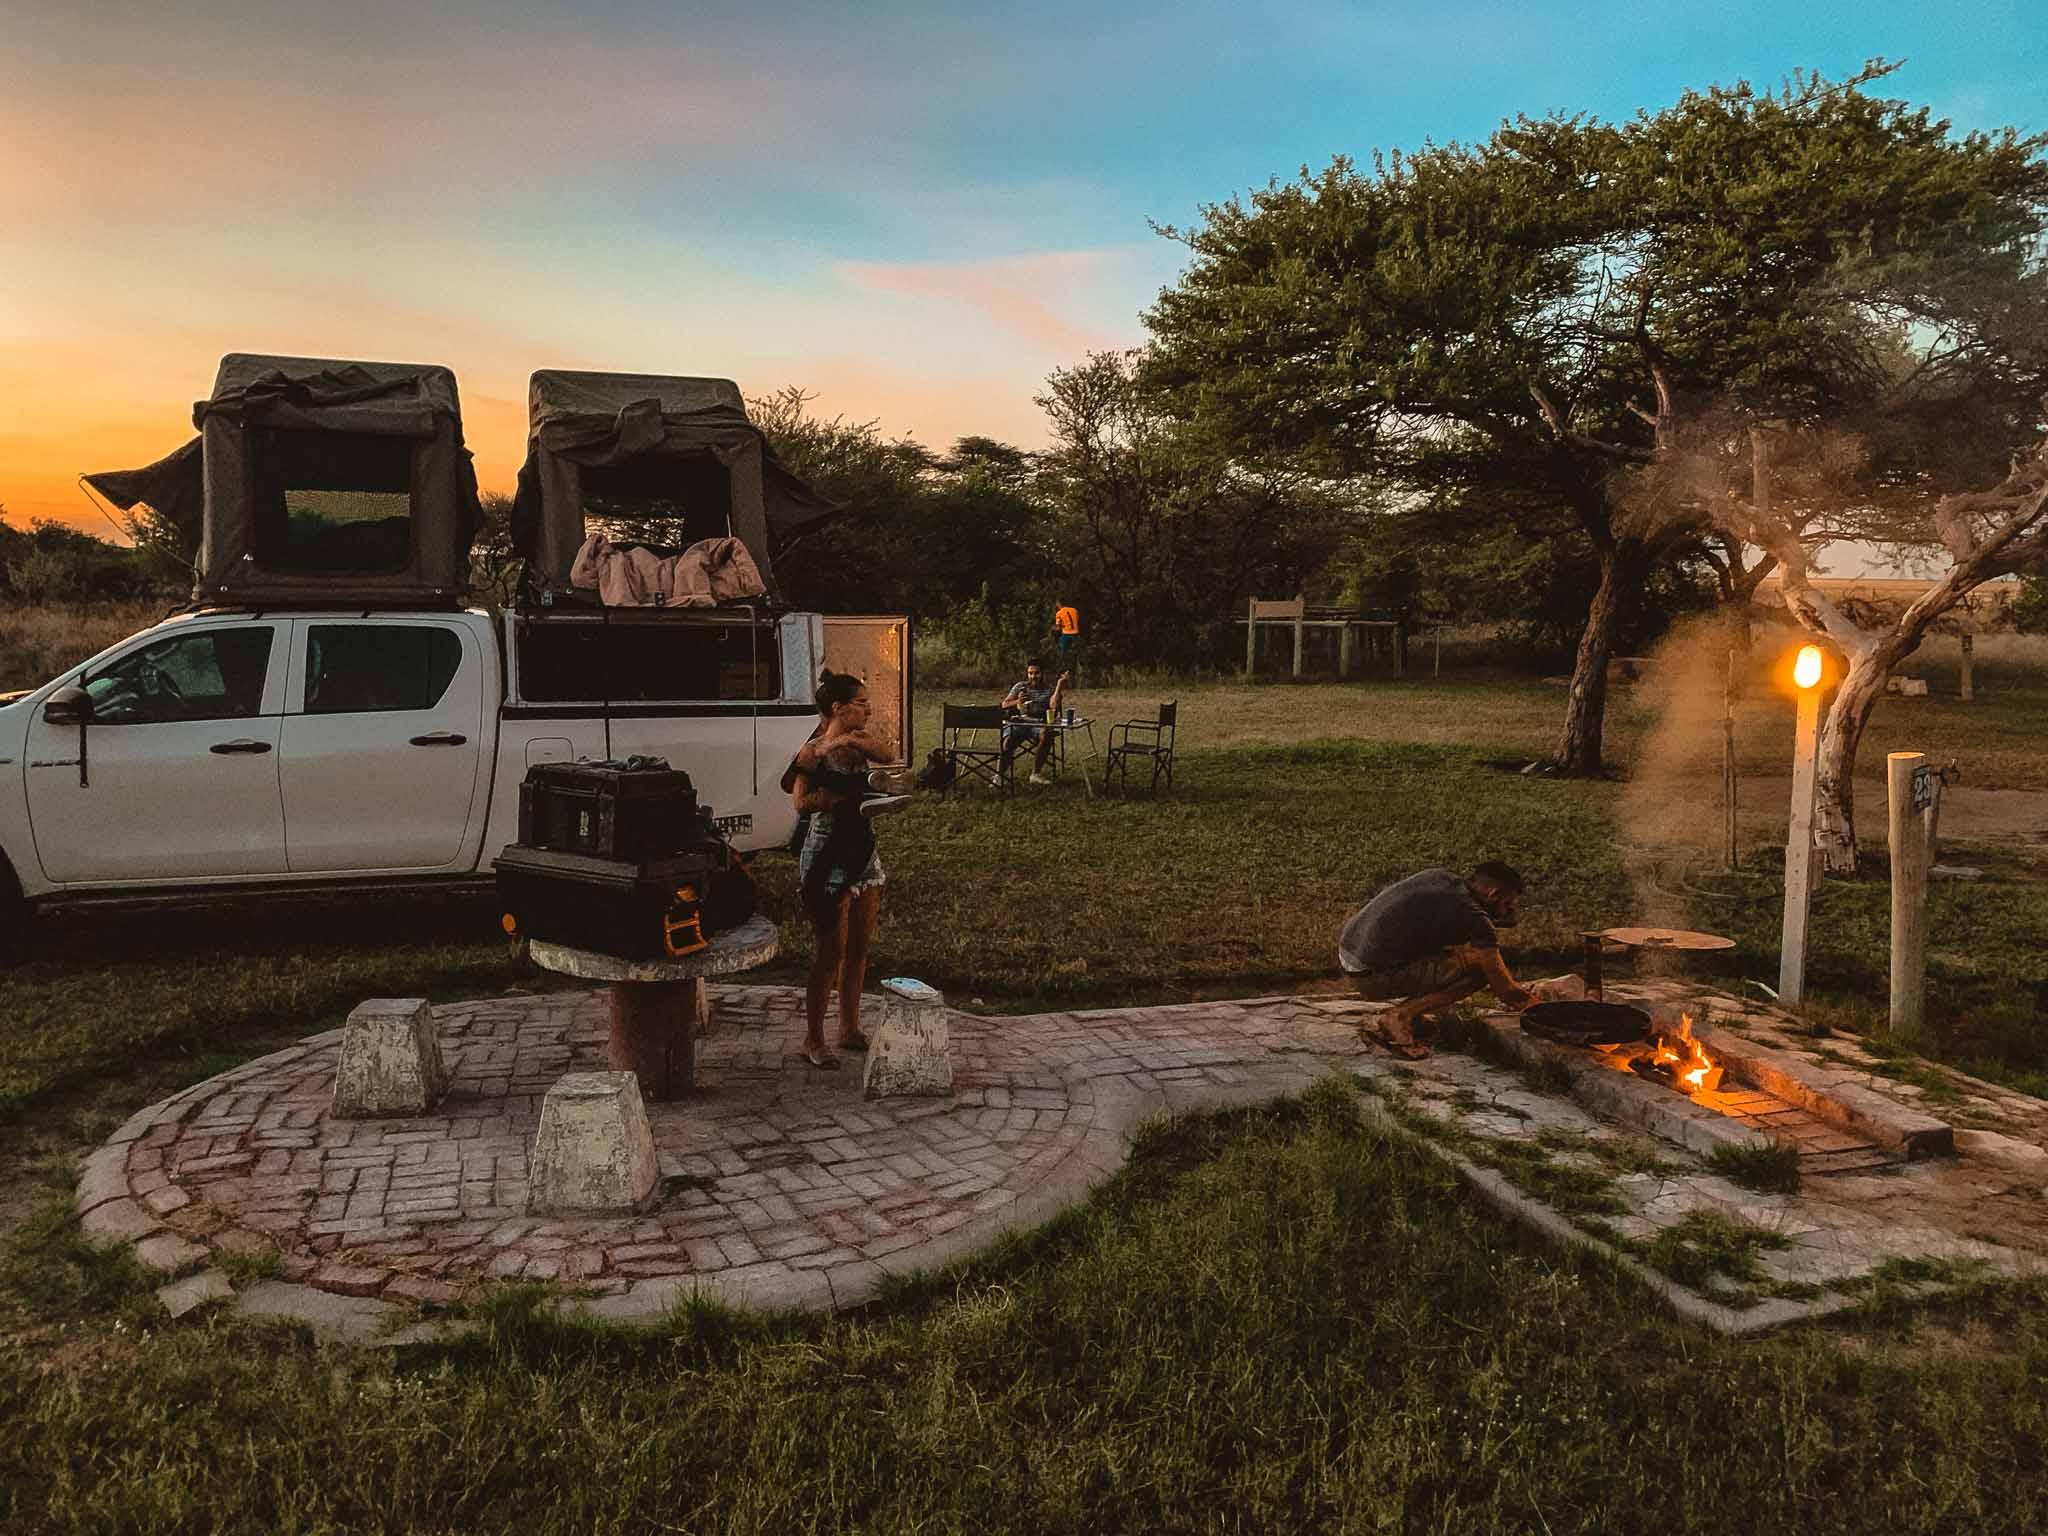 braii et barbecue campsite etosha